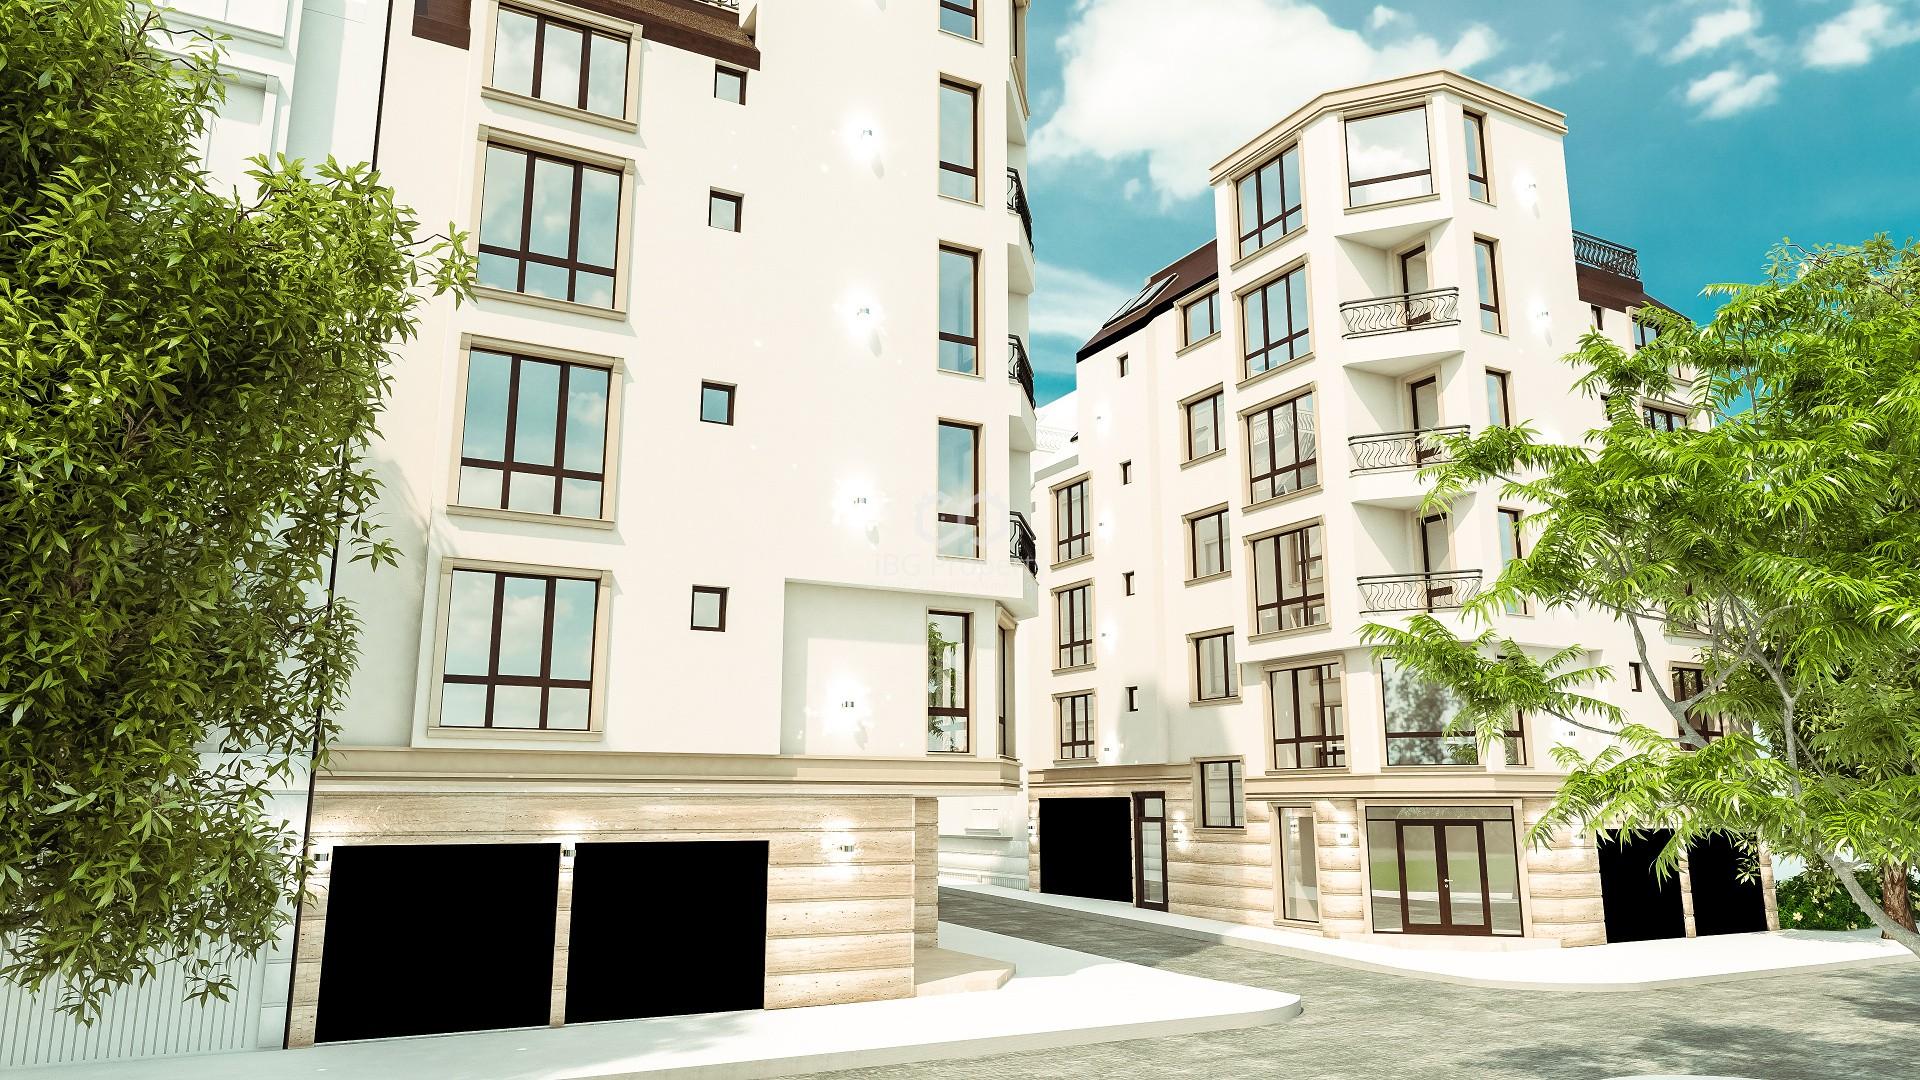 Two bedroom apartment Kolhozen pazar Varna 72,12 m2